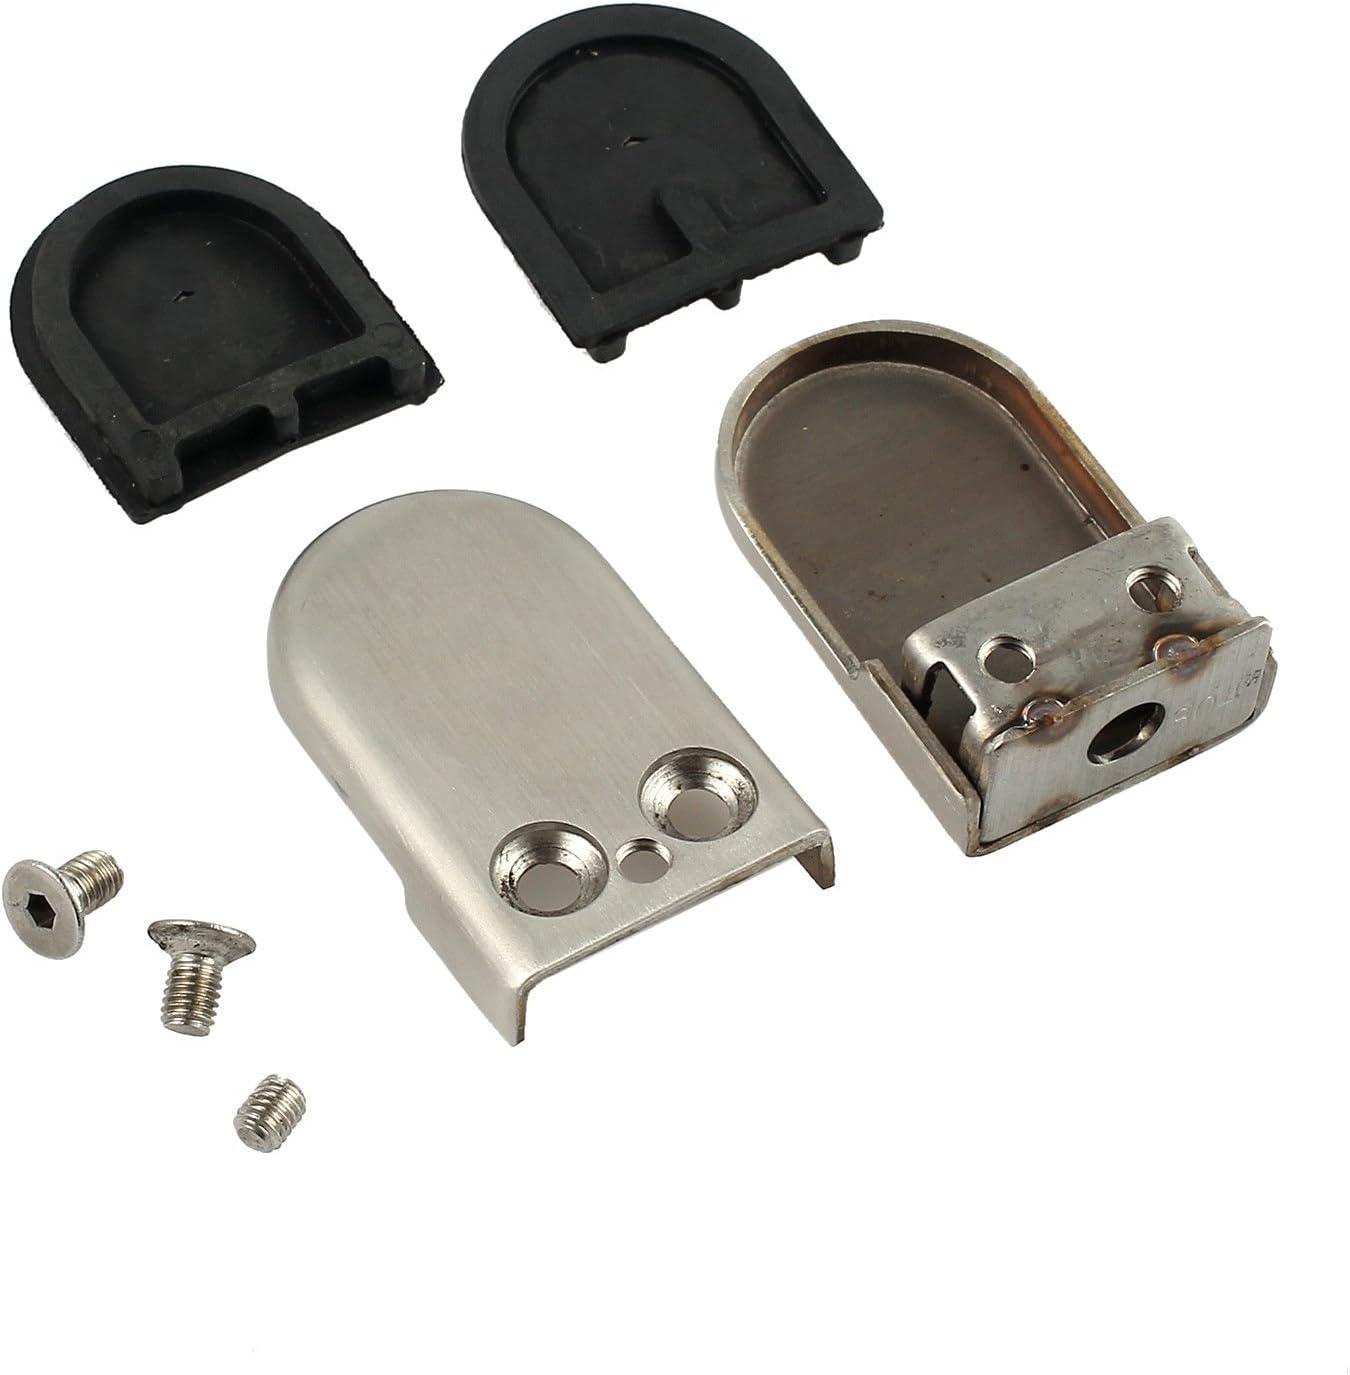 R/églable Support en Verre Support Dos pour Balustrade Escalier Main Courante QitinDasen 8Pcs Professionnel Pinces /à Verre 8~10mm M Taille 304 Acier Inoxydable Porte-Verre